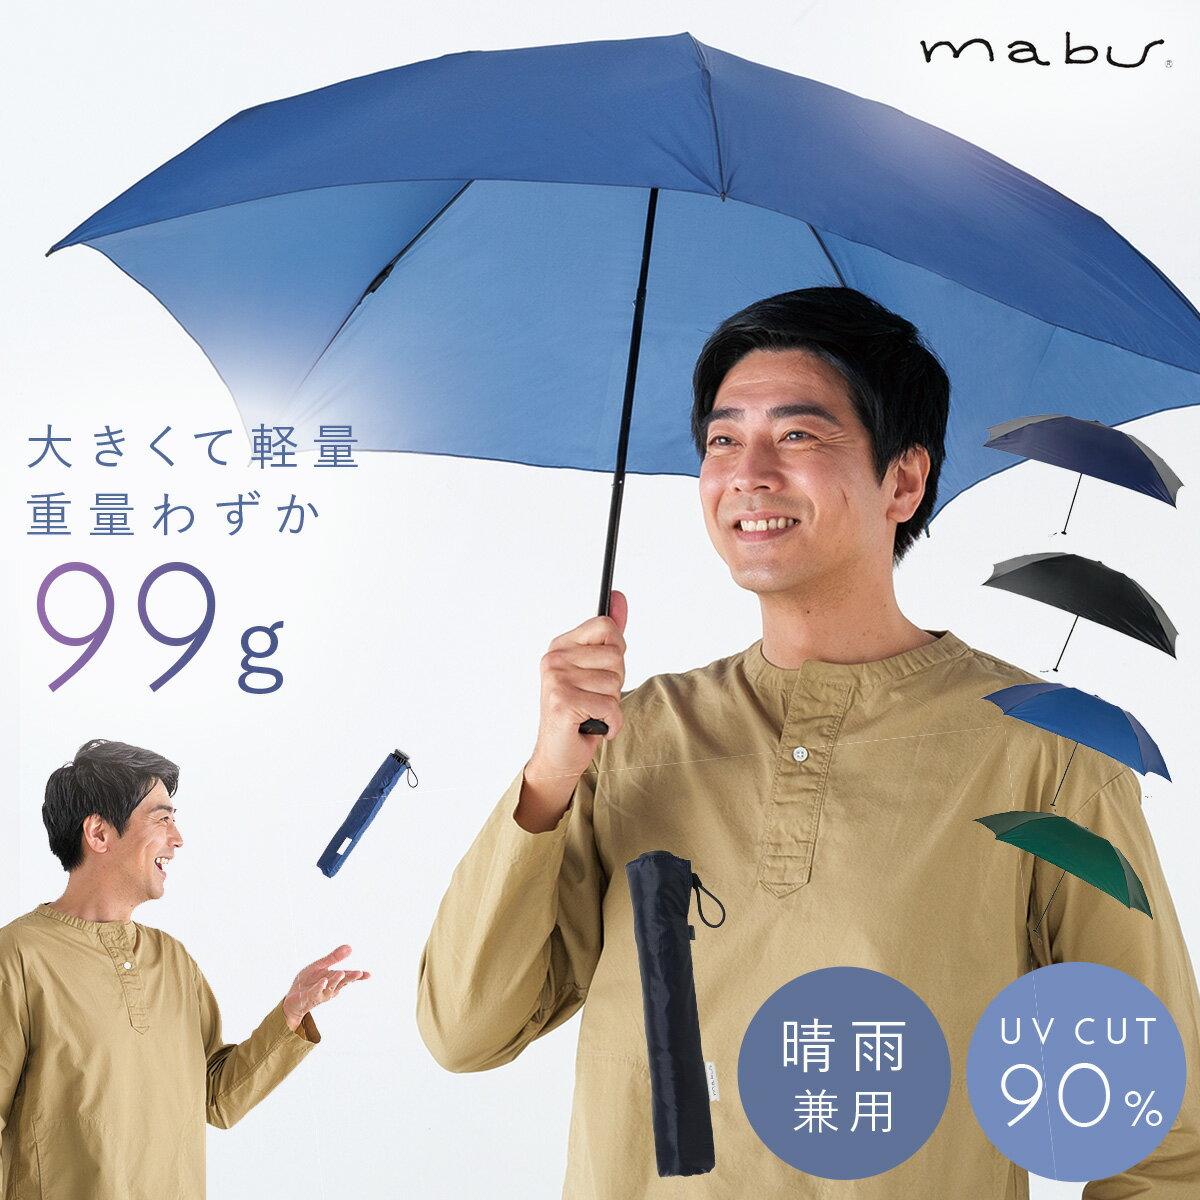 傘 折りたたみ傘 軽量 超軽量 晴雨兼用 メンズ 日傘 UV 折りたたみ傘 99 父の日 レイングッズ